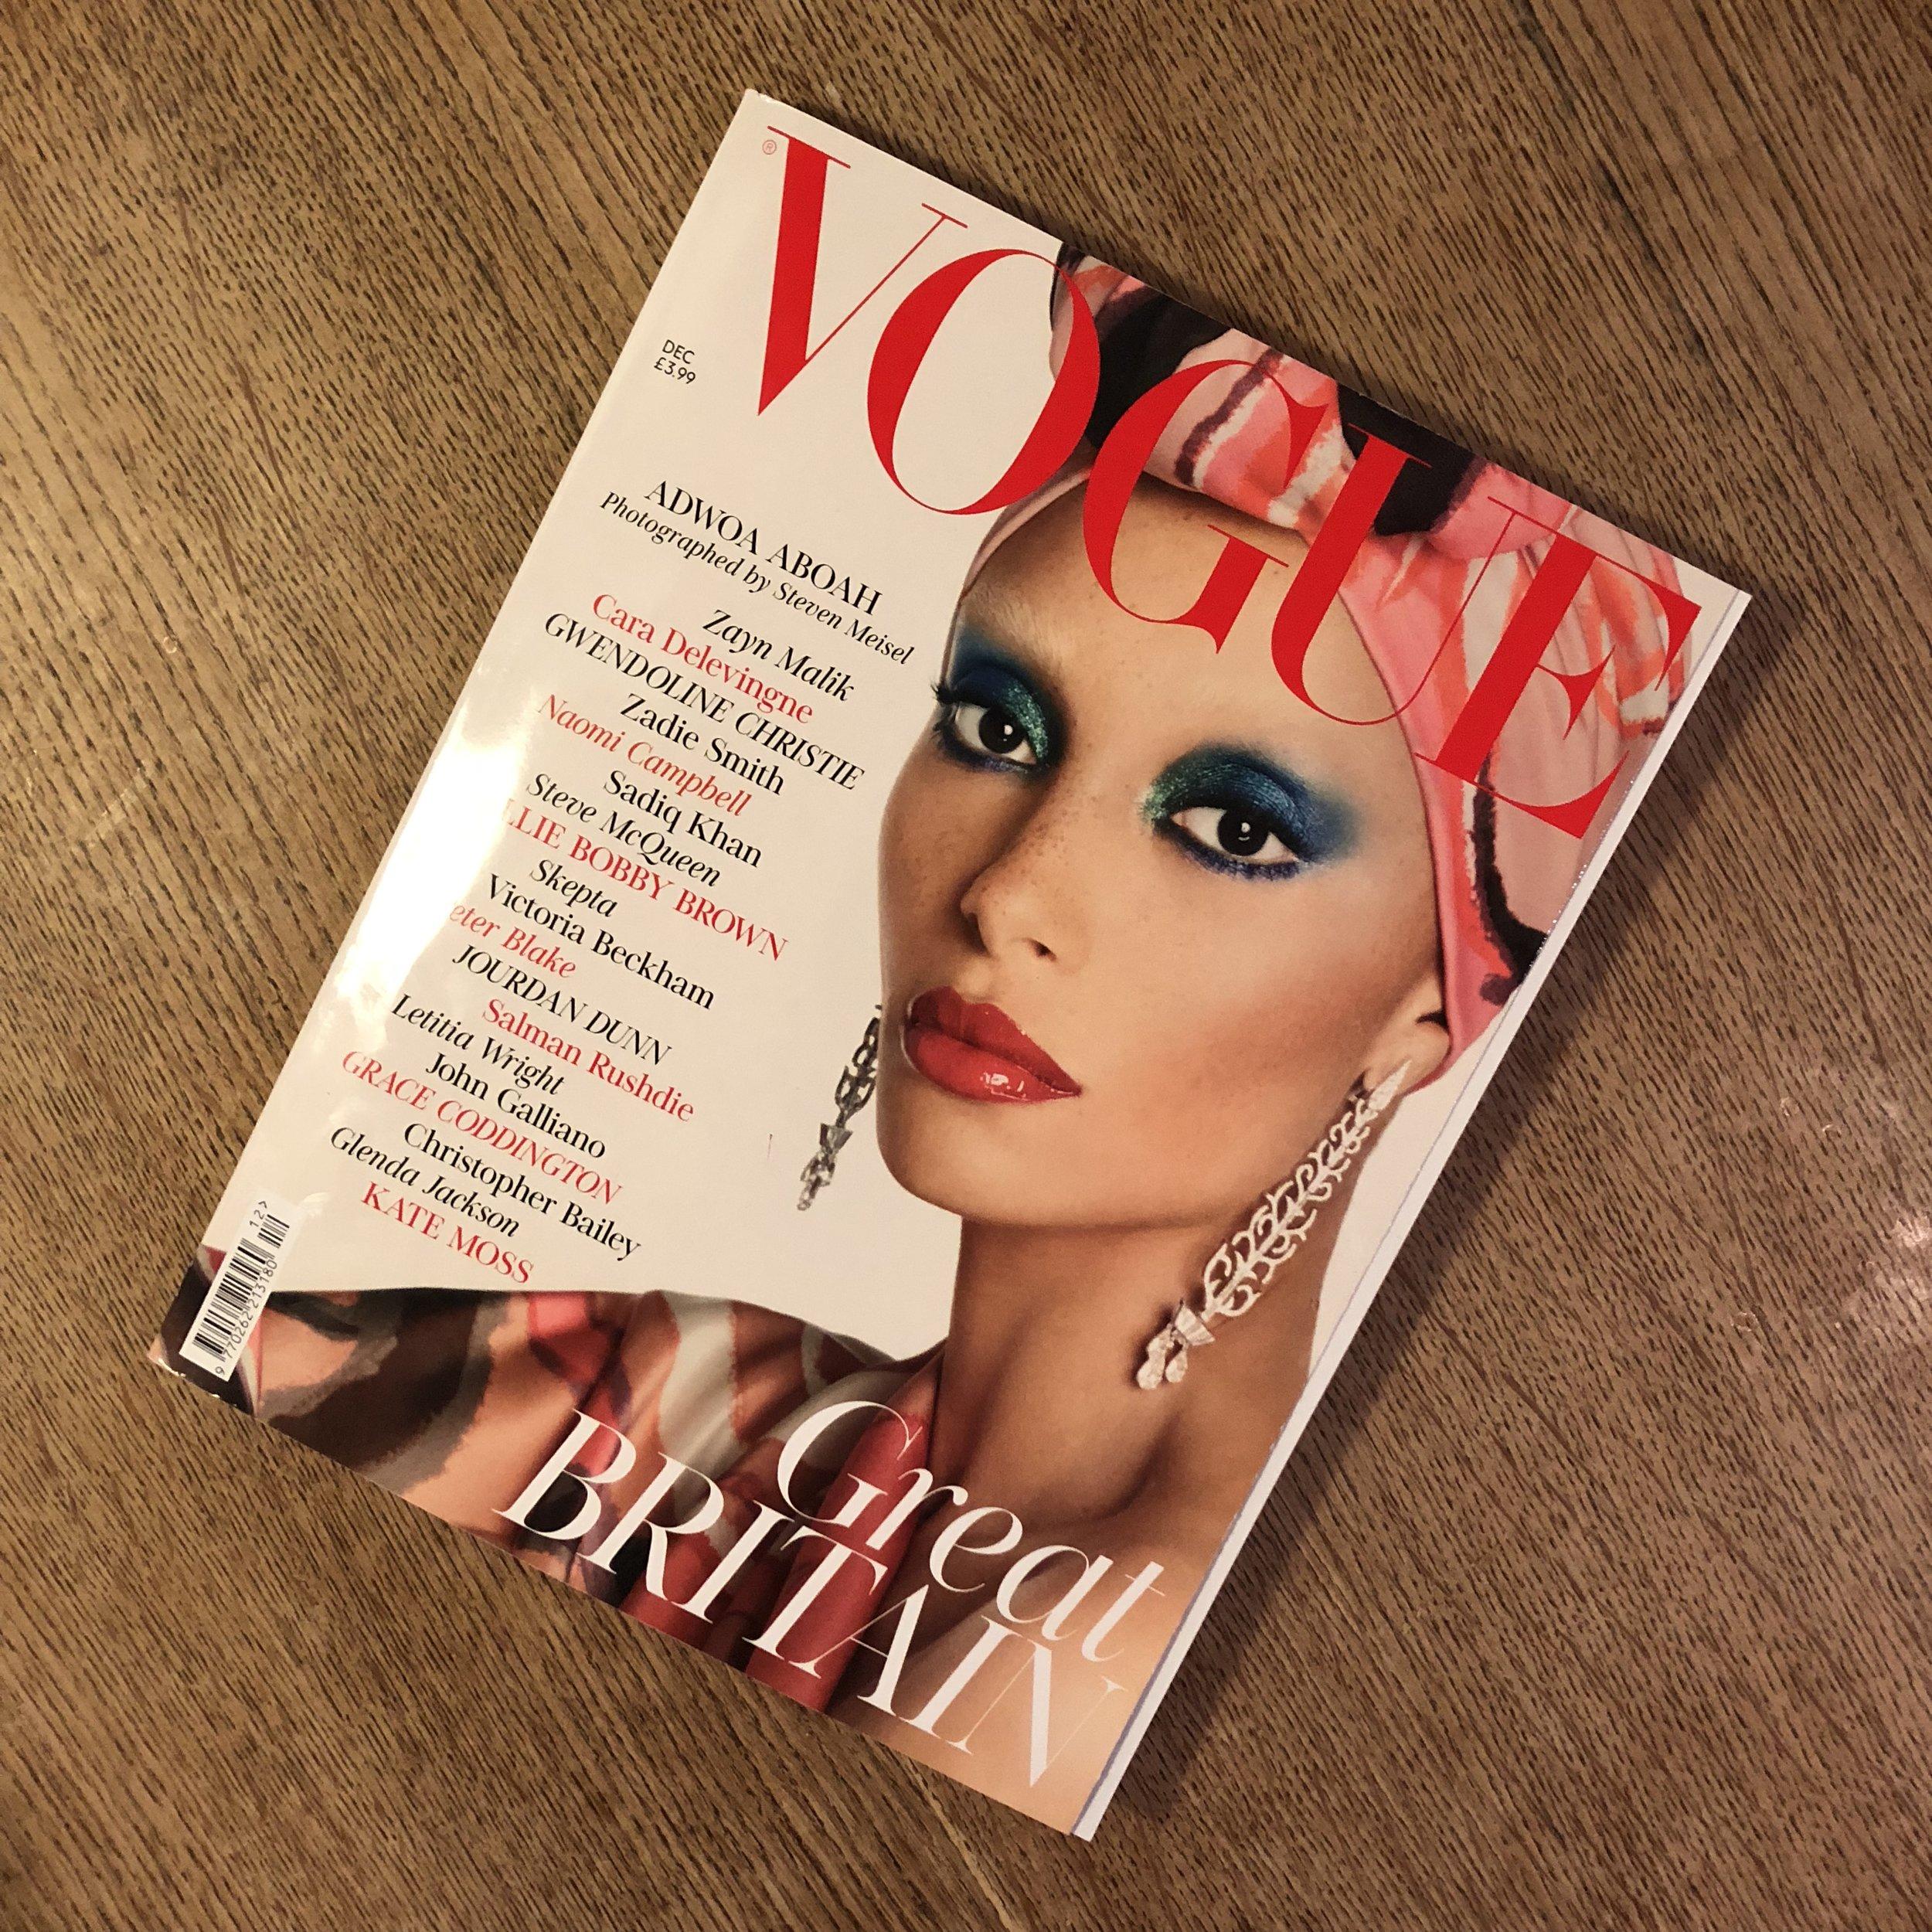 The original and best! British Vogue Dec 2017.